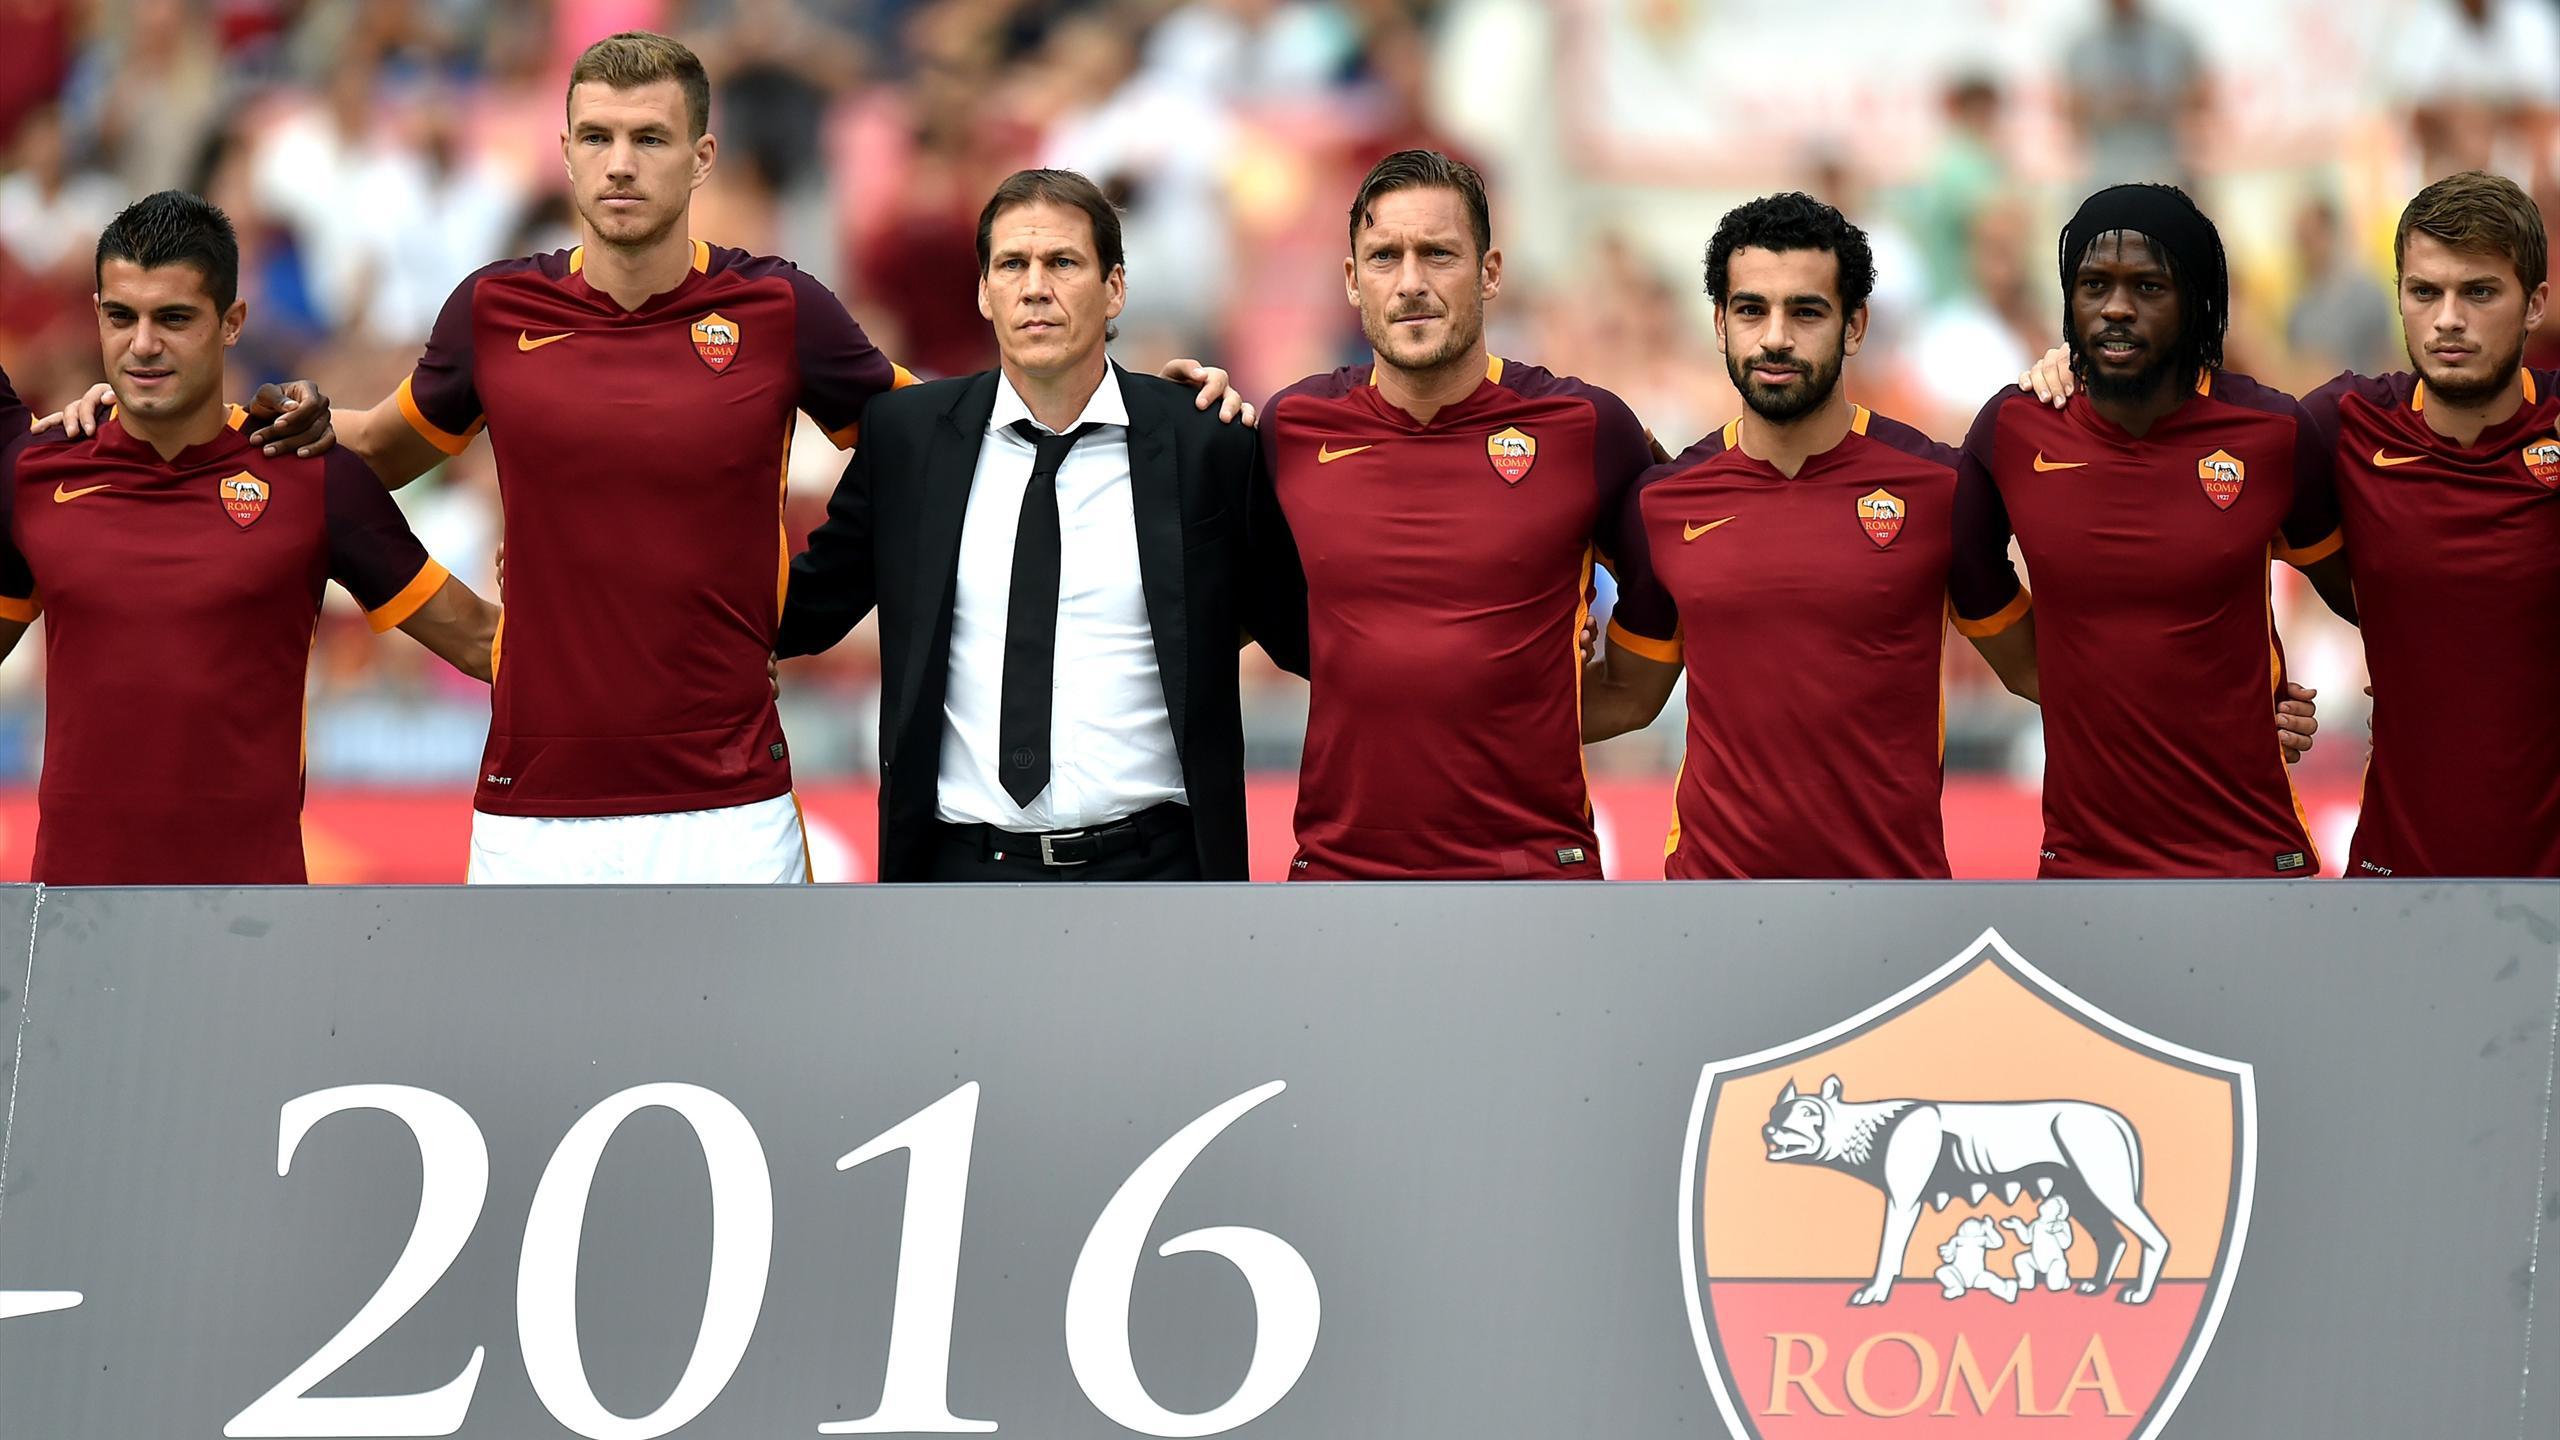 Rudi Garcia entouré de ses joueurs lors de la présentation de son équipe